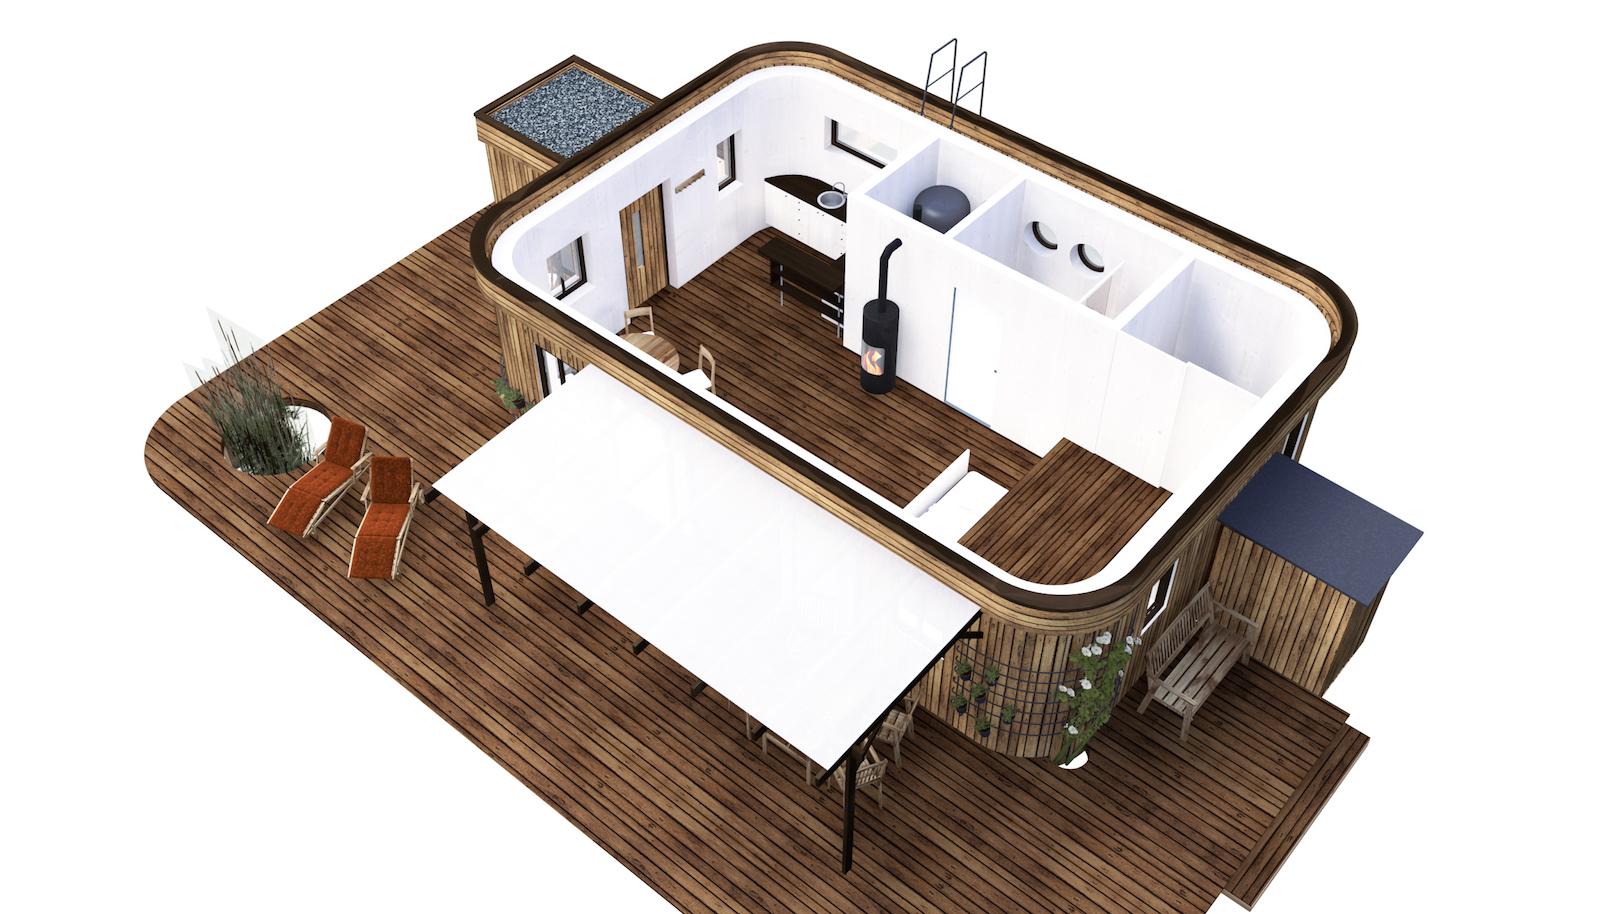 So sieht das Wohnwagon Minihaus von innen aus.